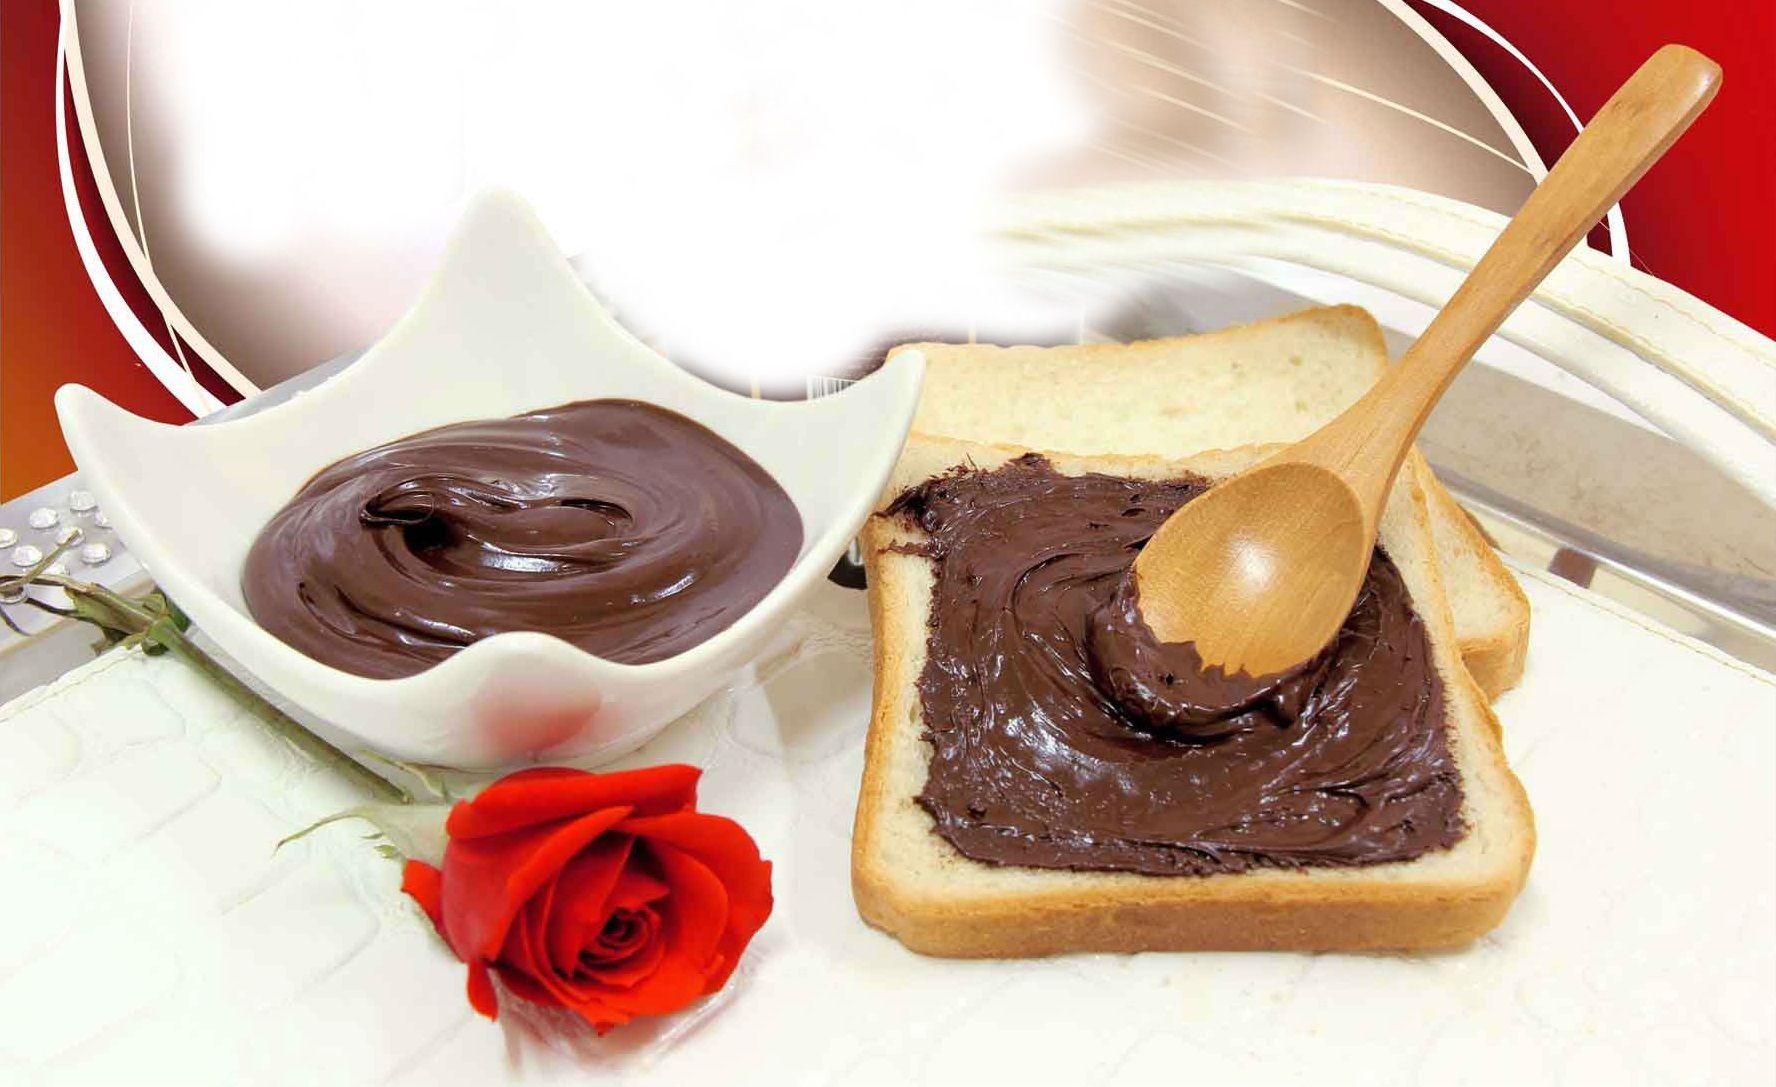 طرز تهیه شکلات صبحانه با طعم وانیل